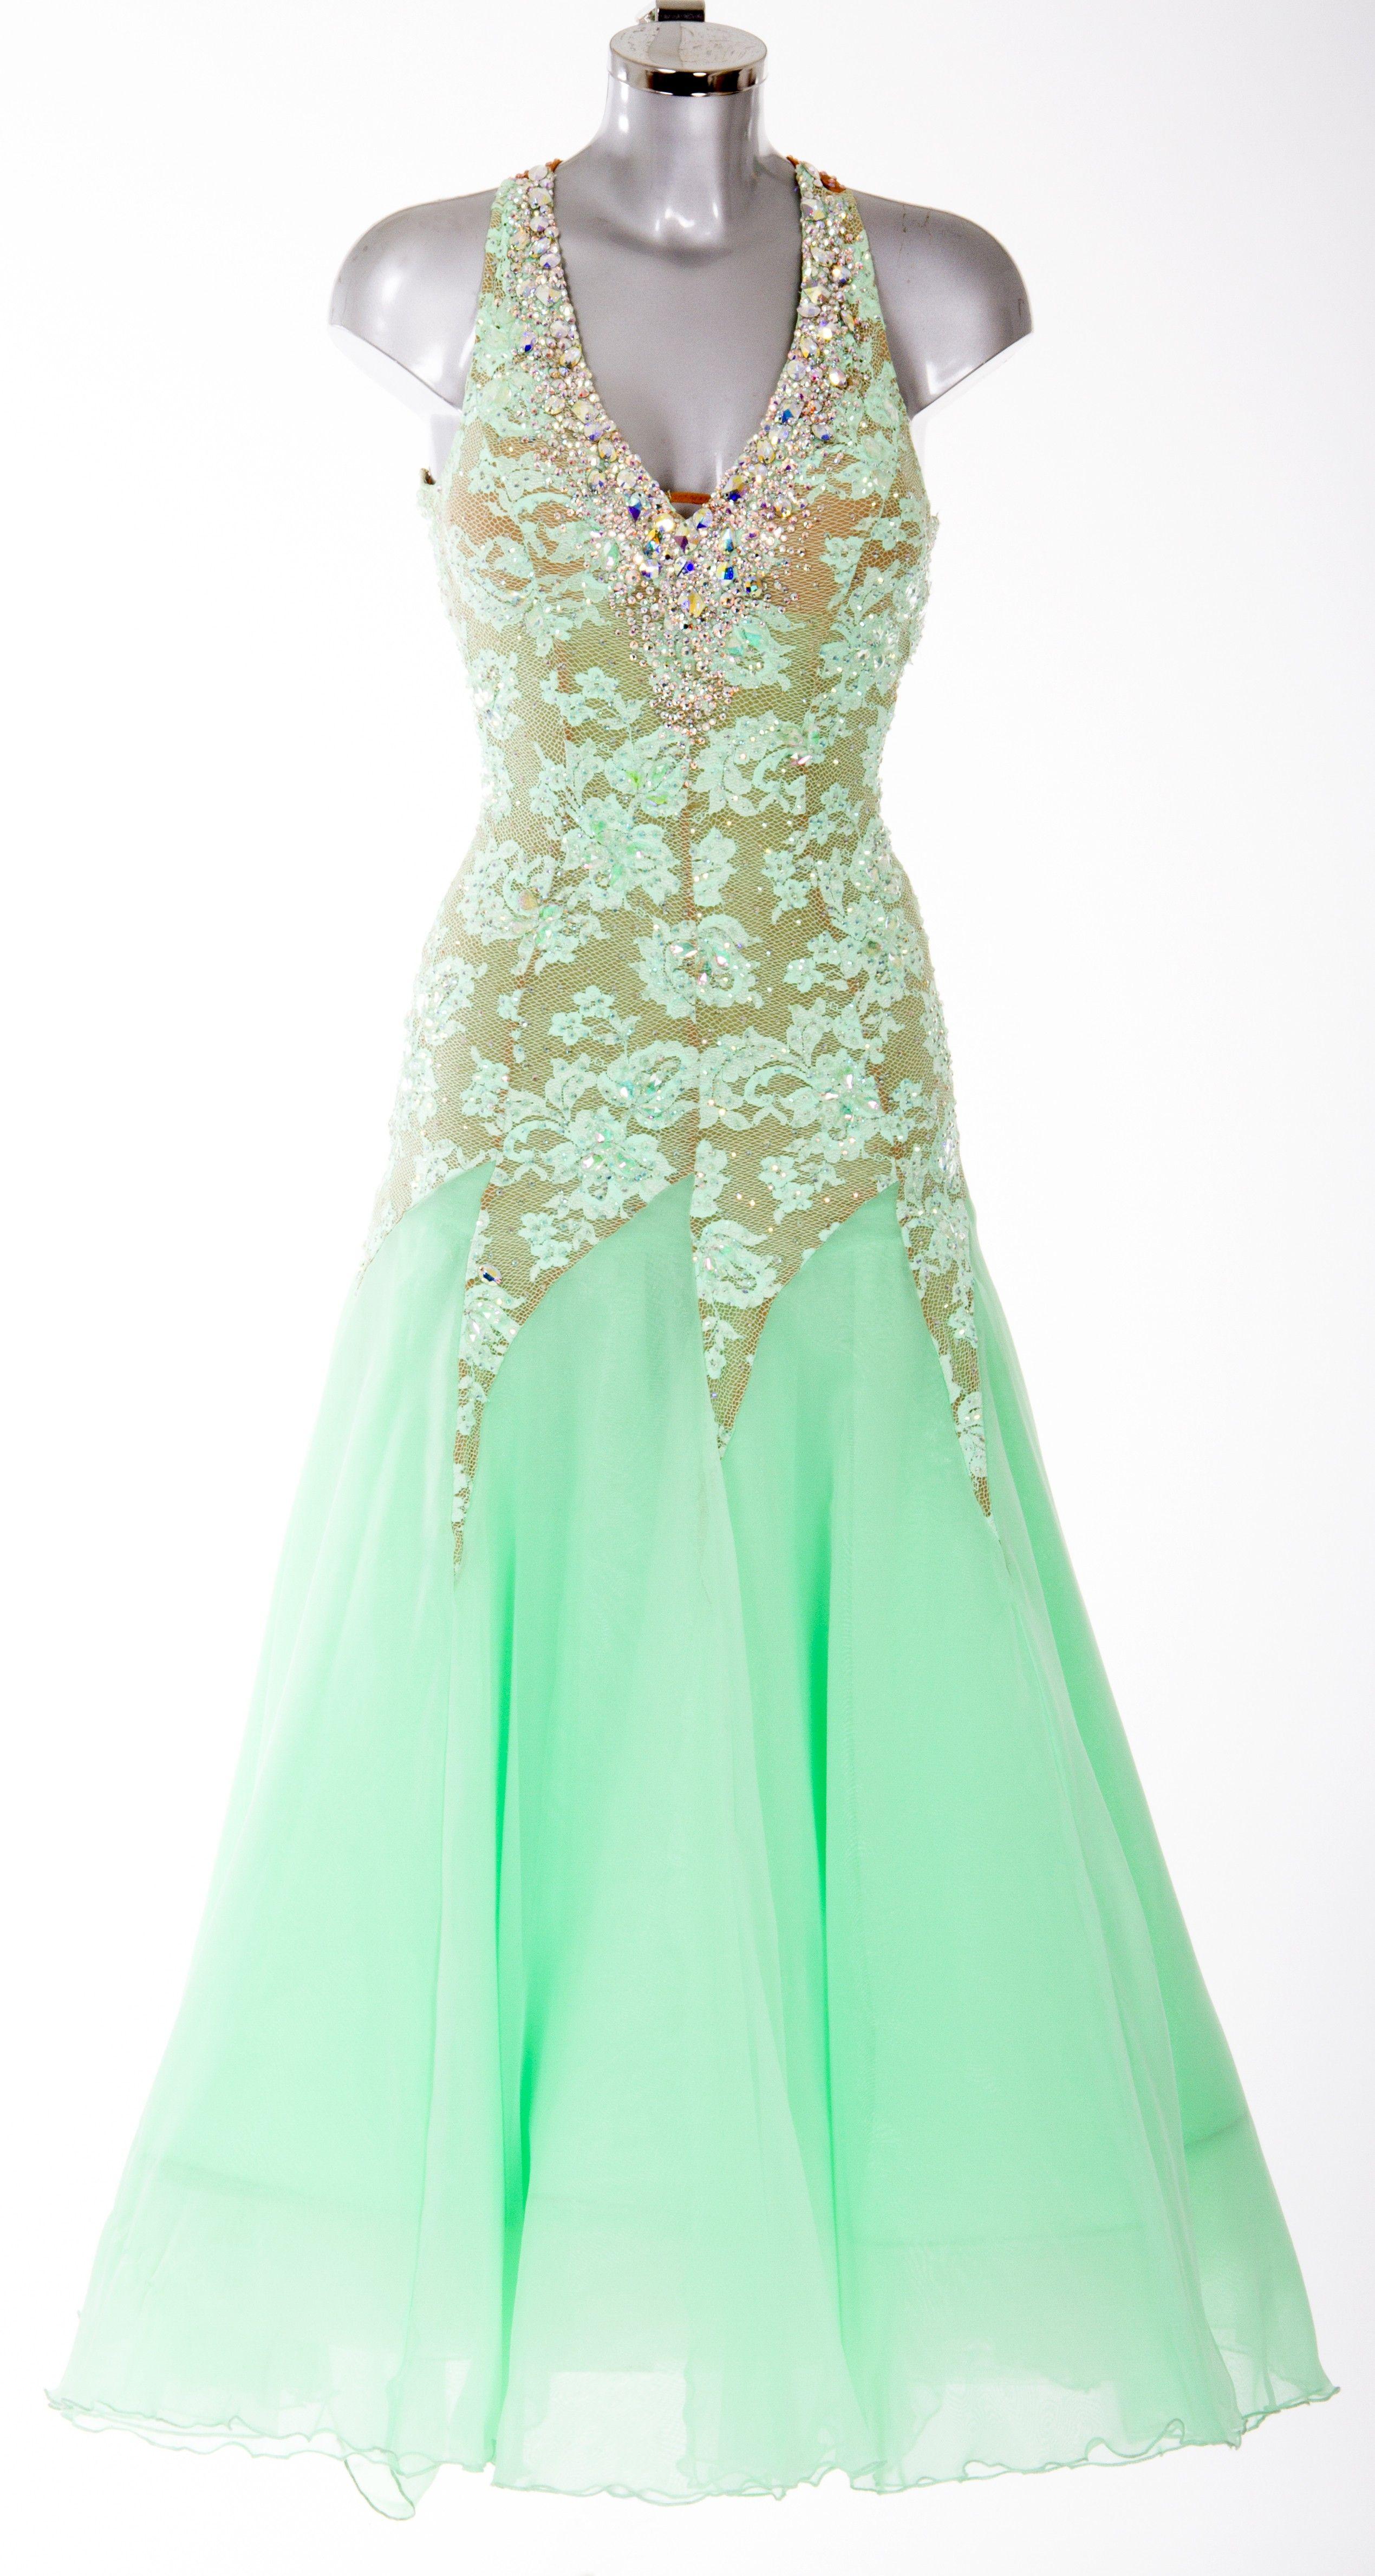 379103 Peppermint Ballroom Dress